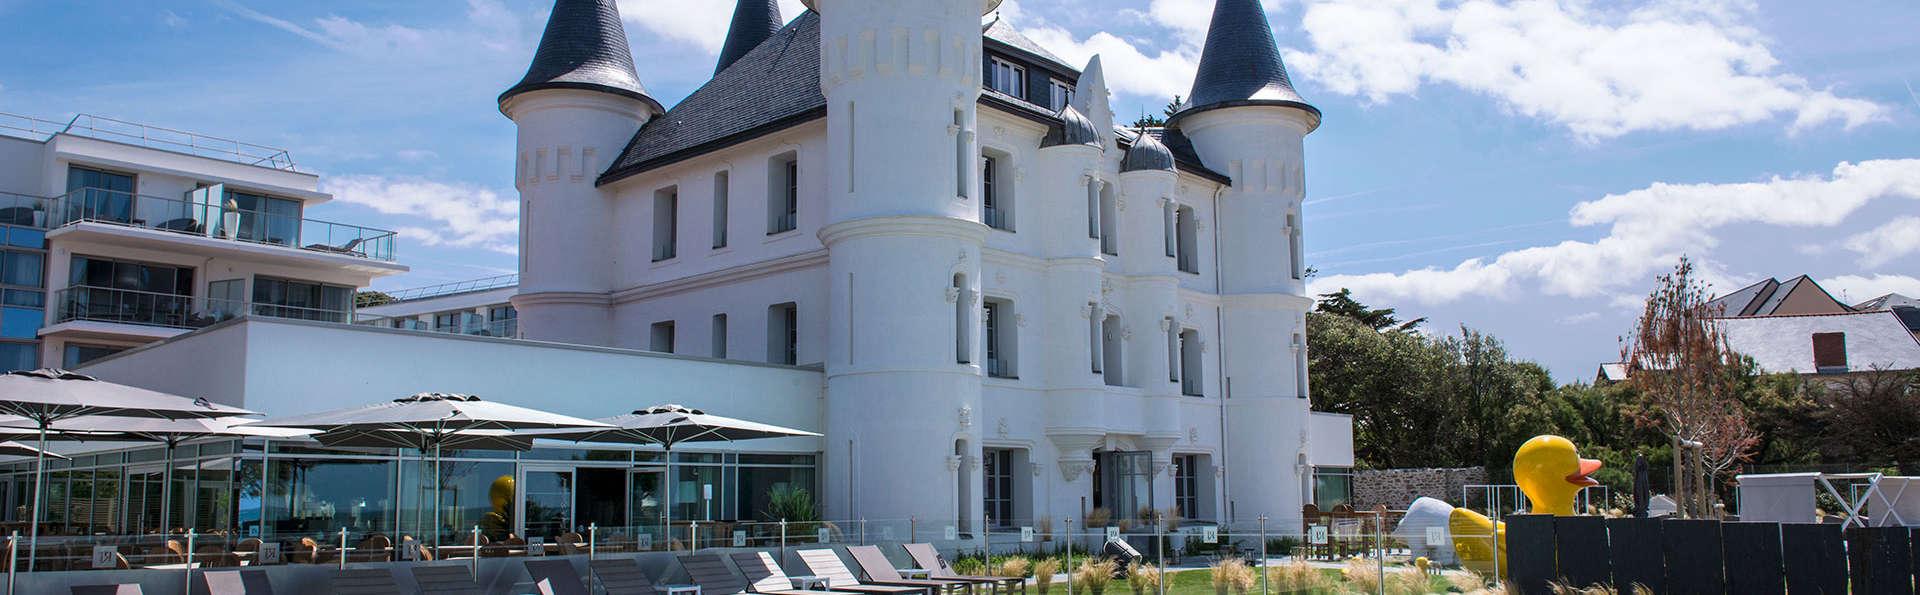 Château des Tourelles Hôtel Thalasso Spa Baie de La Baule - EDIT_exterior4.jpg